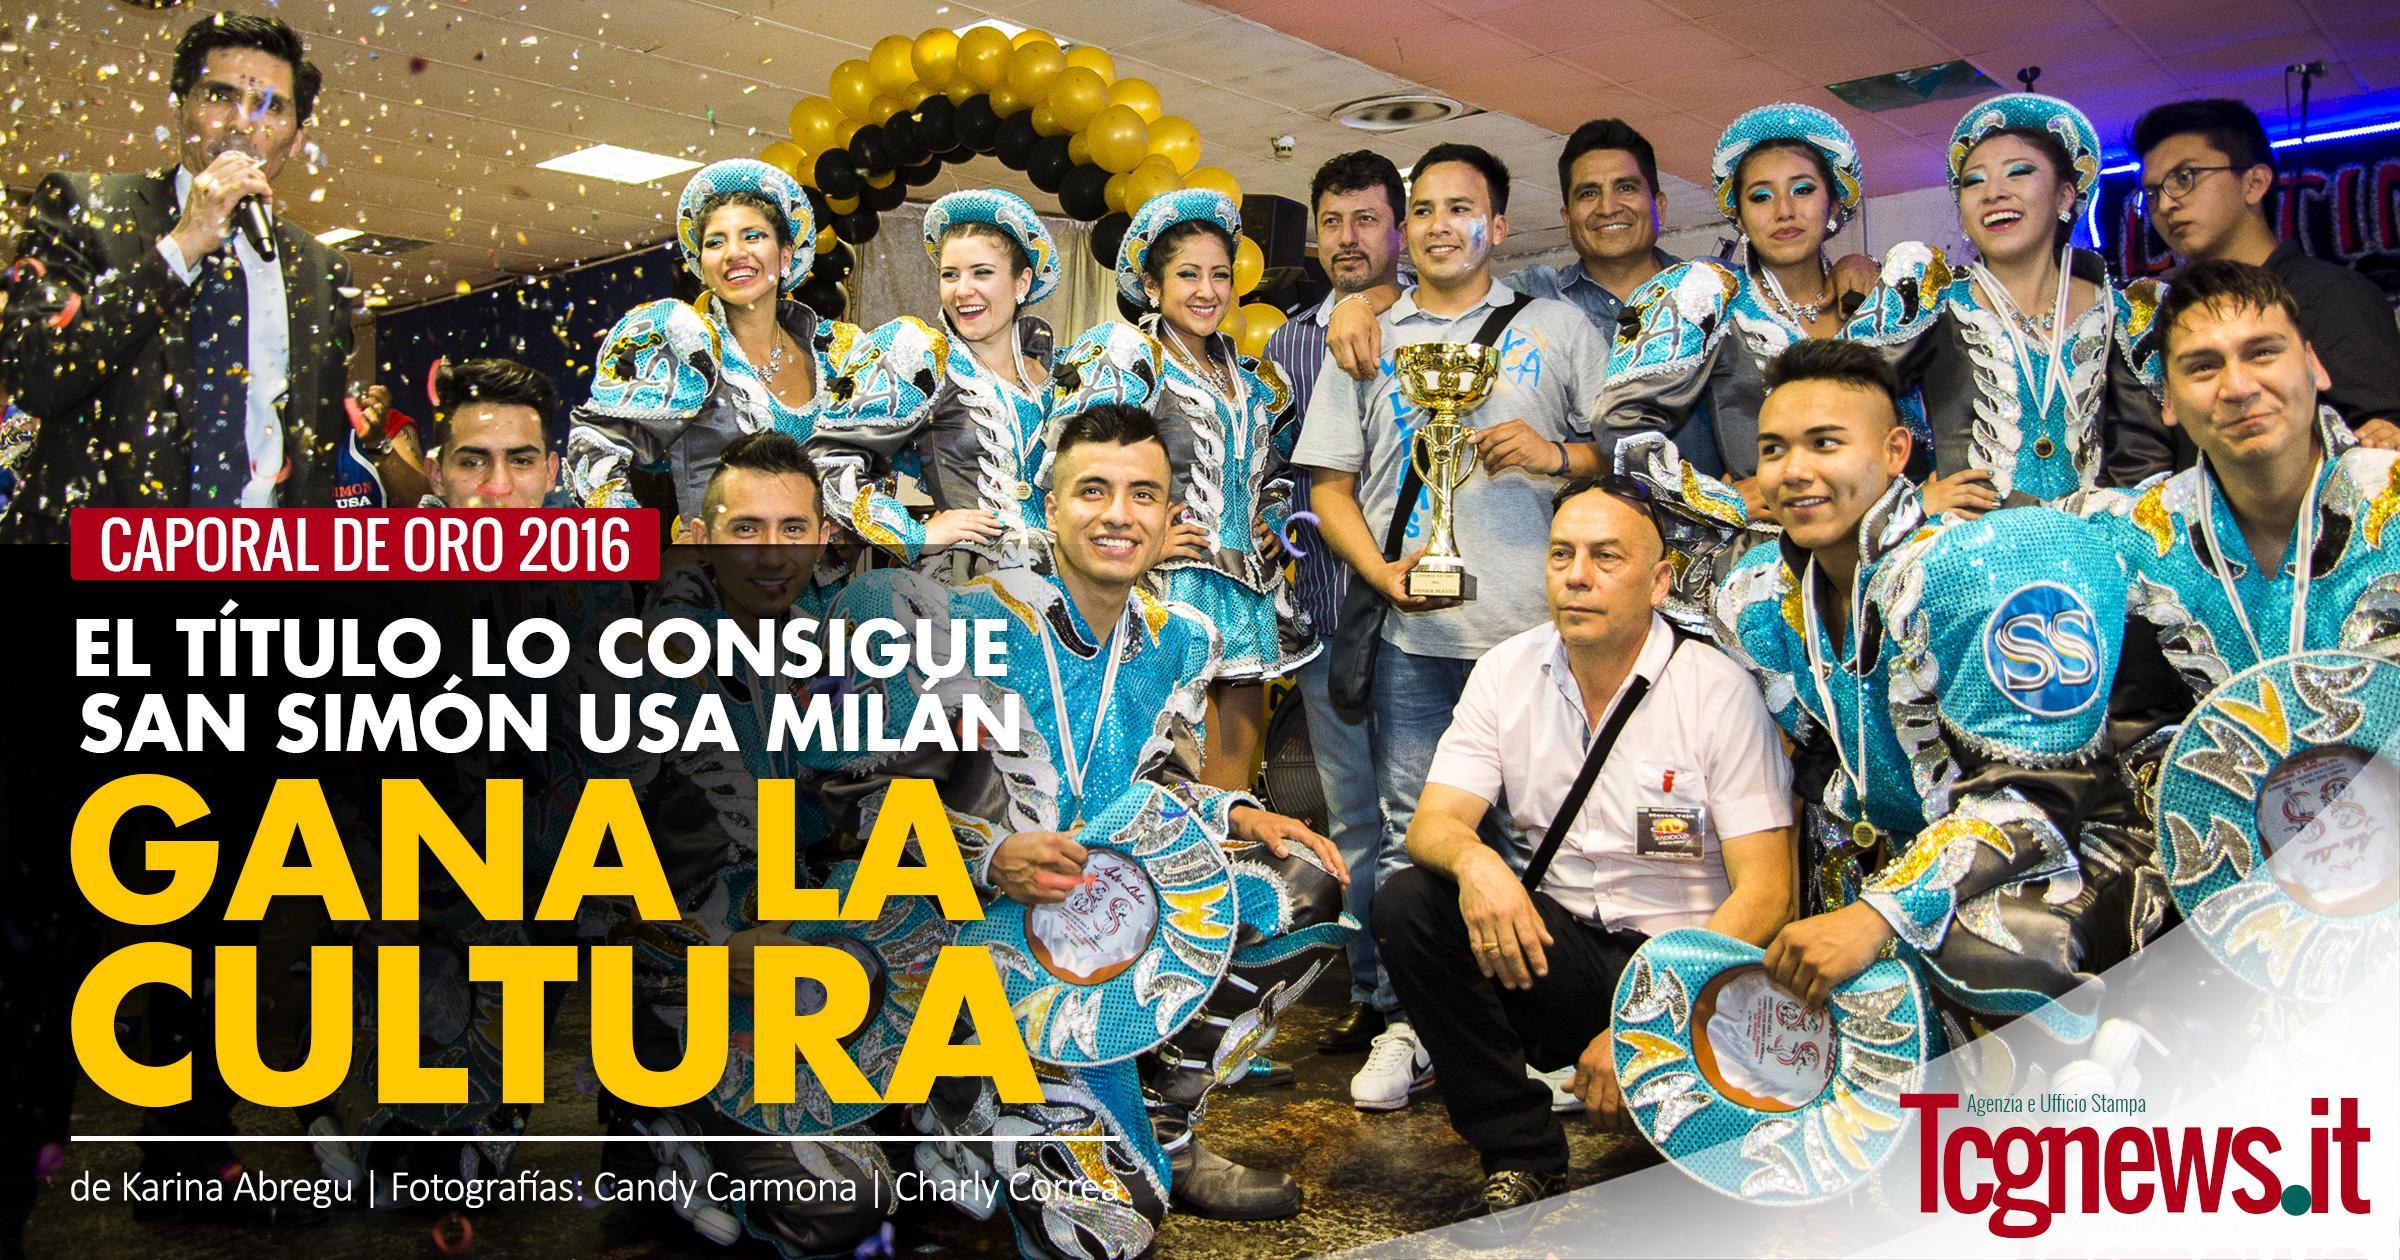 Caporales de Oro 2016, el título lo consigue San Simón Usa Milán, gana la cultura